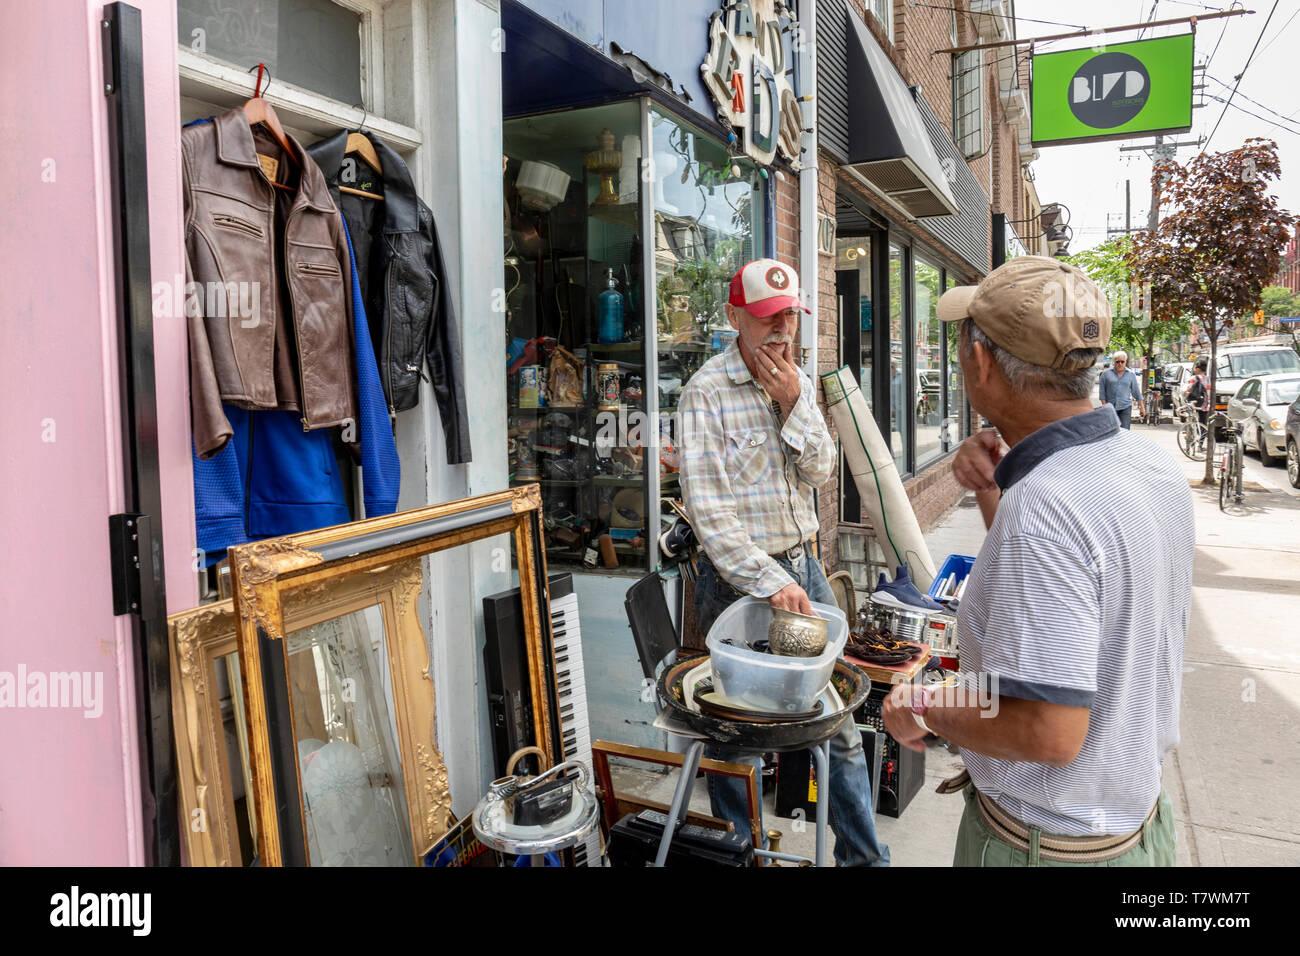 Canada, Province of Ontario, City of Toronto, Queen Street West,new trendy neighborhood, antique shop, flea market - Stock Image